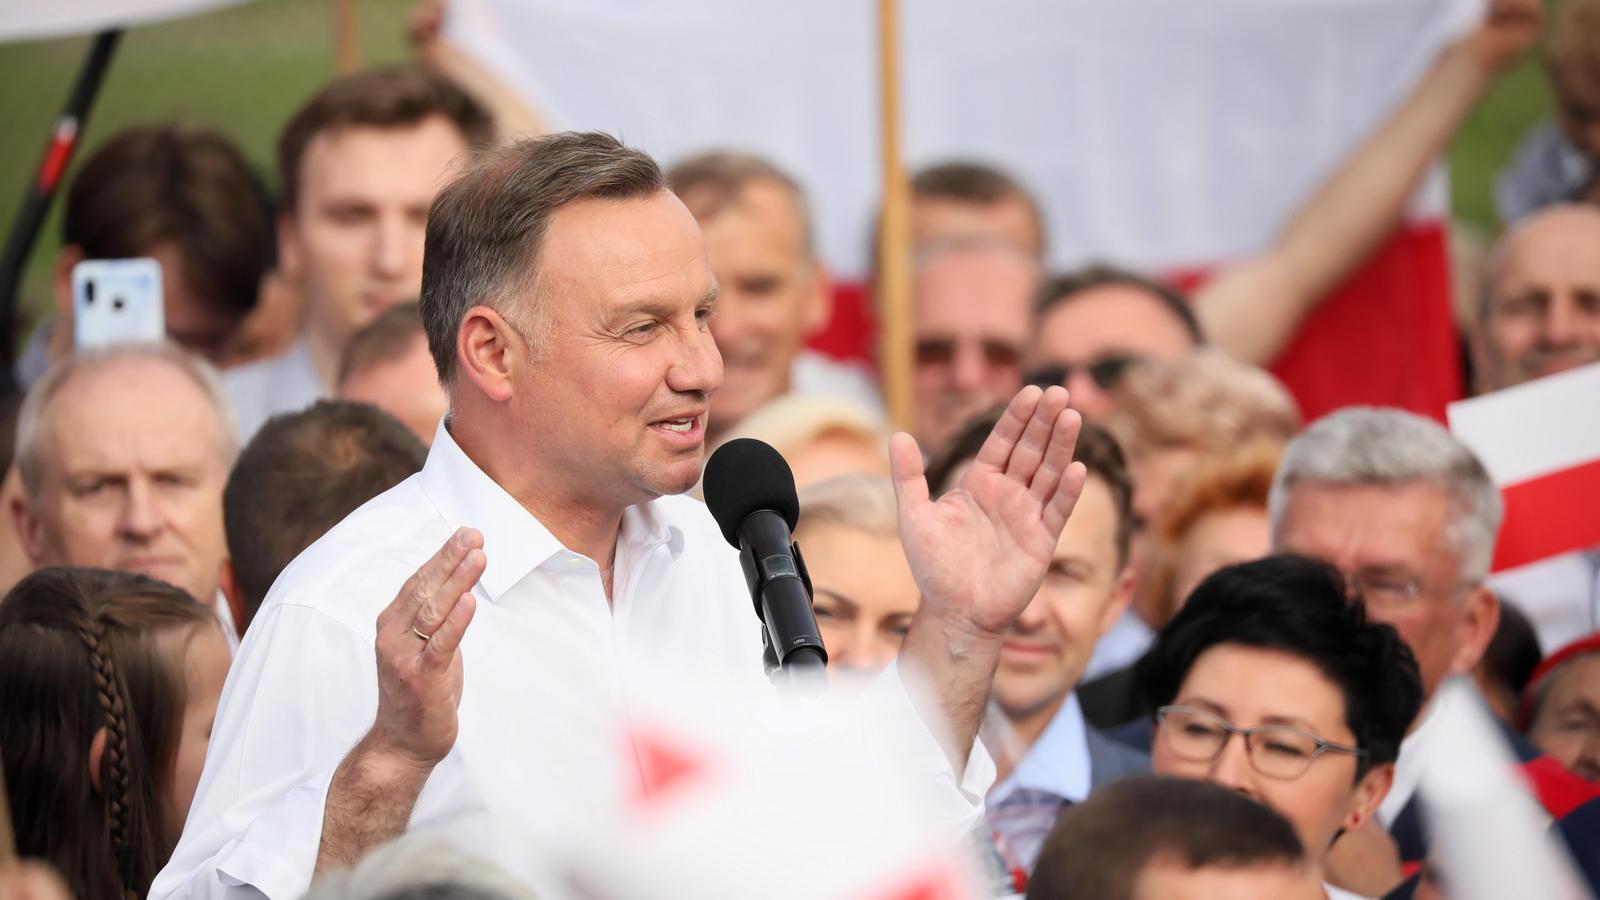 La victòria de l'ultra Duda divideix Polònia i reforça el pols amb la Unió Europea